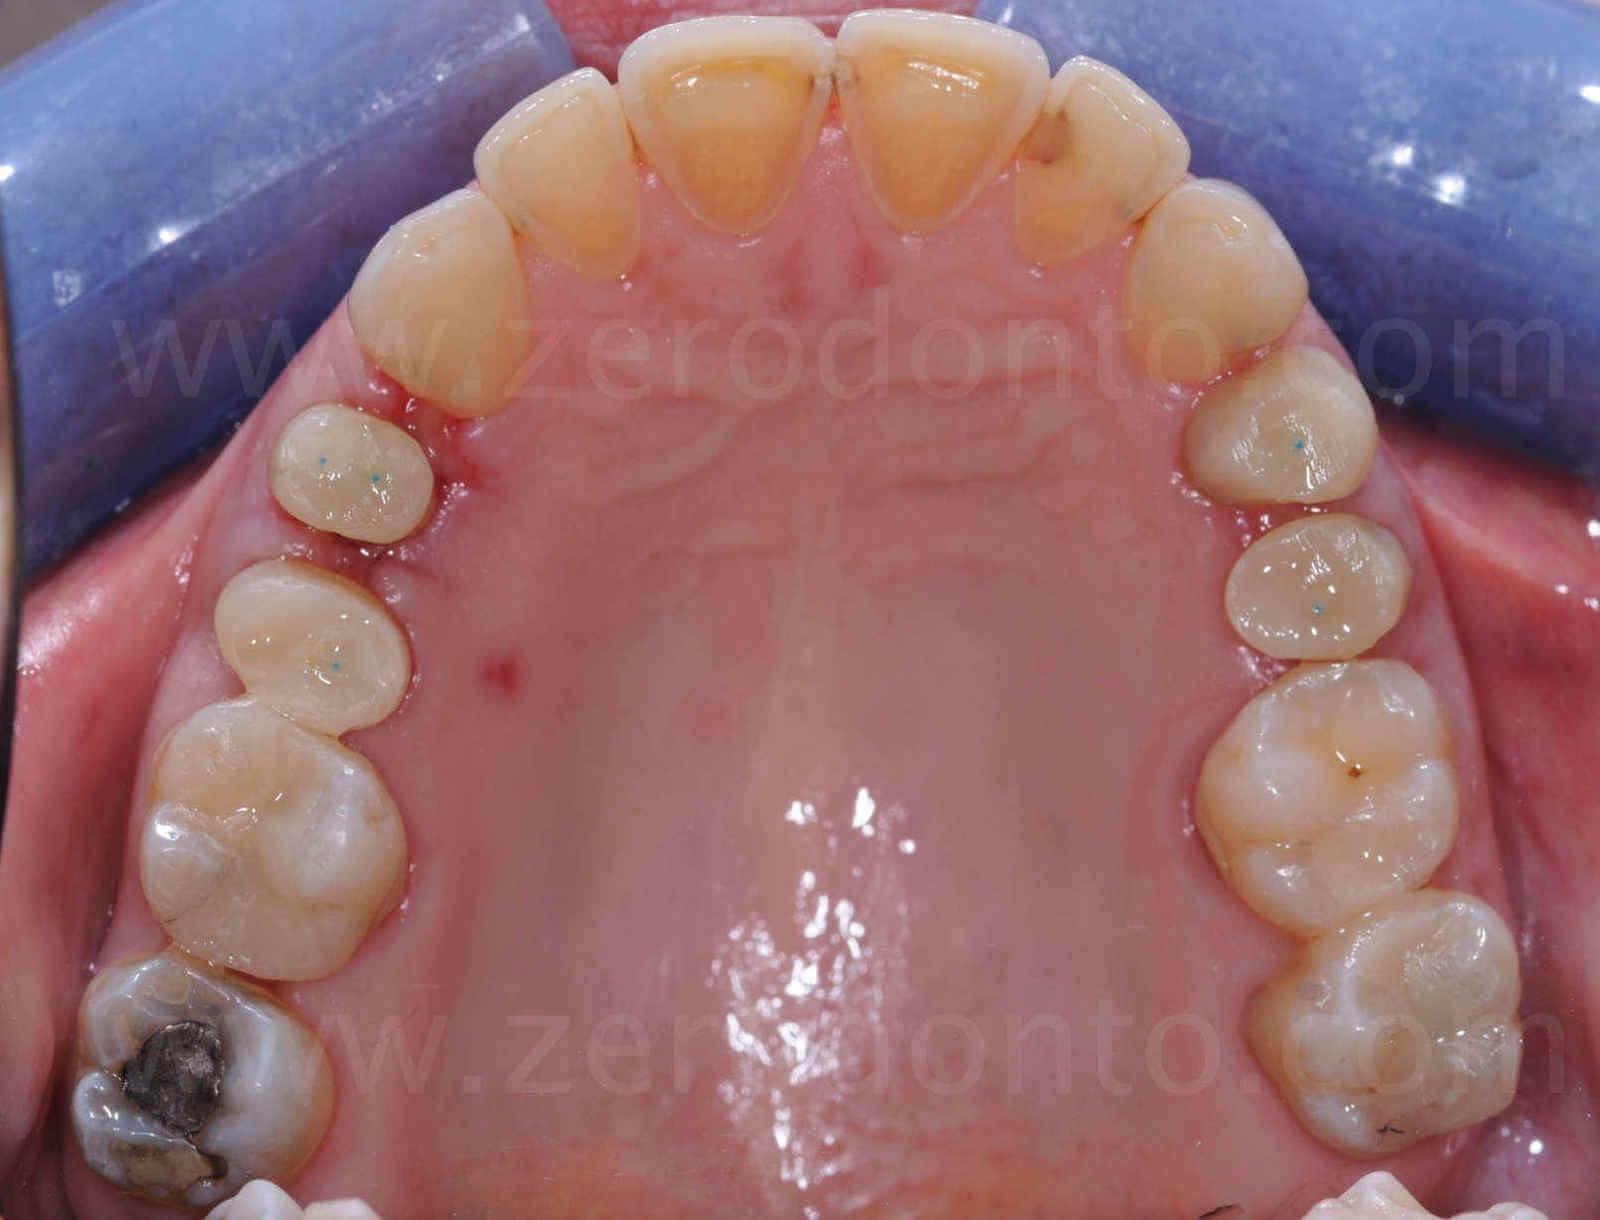 vista palatale erosione dentaria